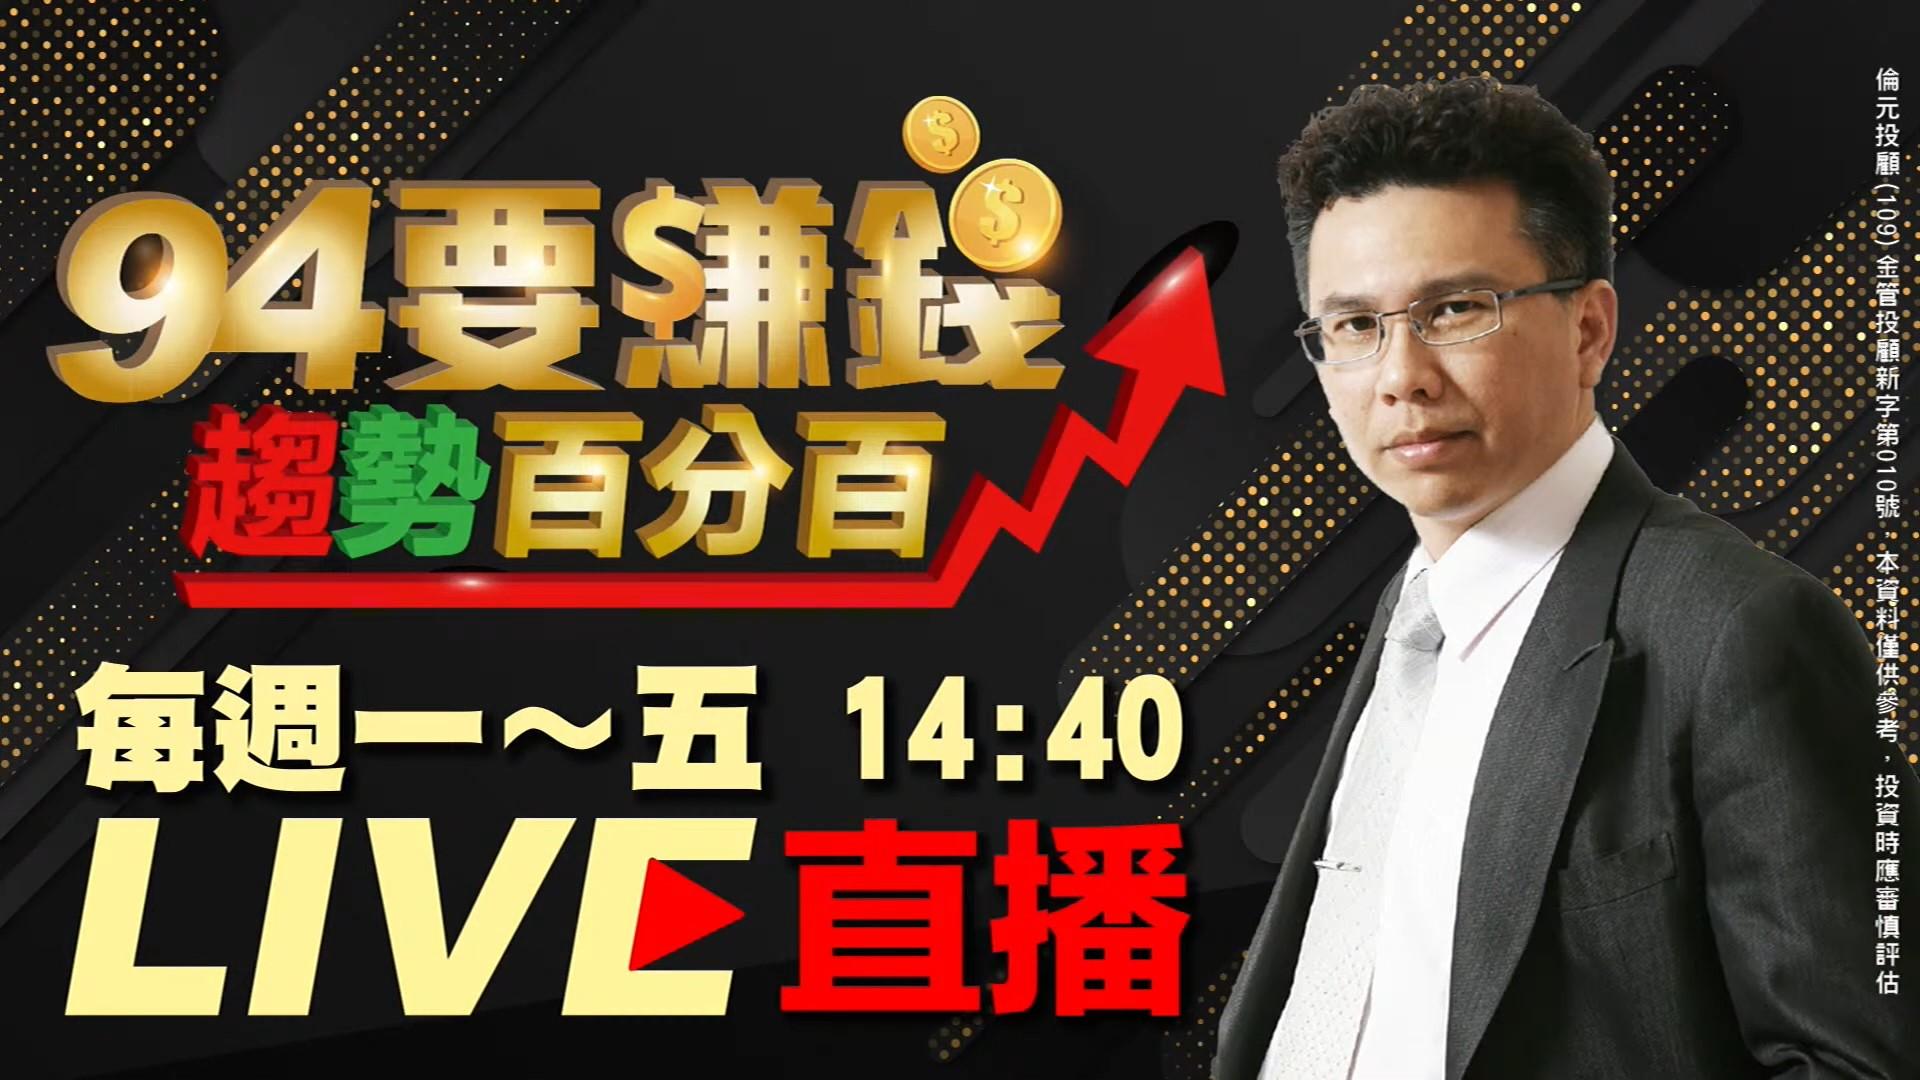 【94要賺錢/趨勢百分百】-20210118-王信傑